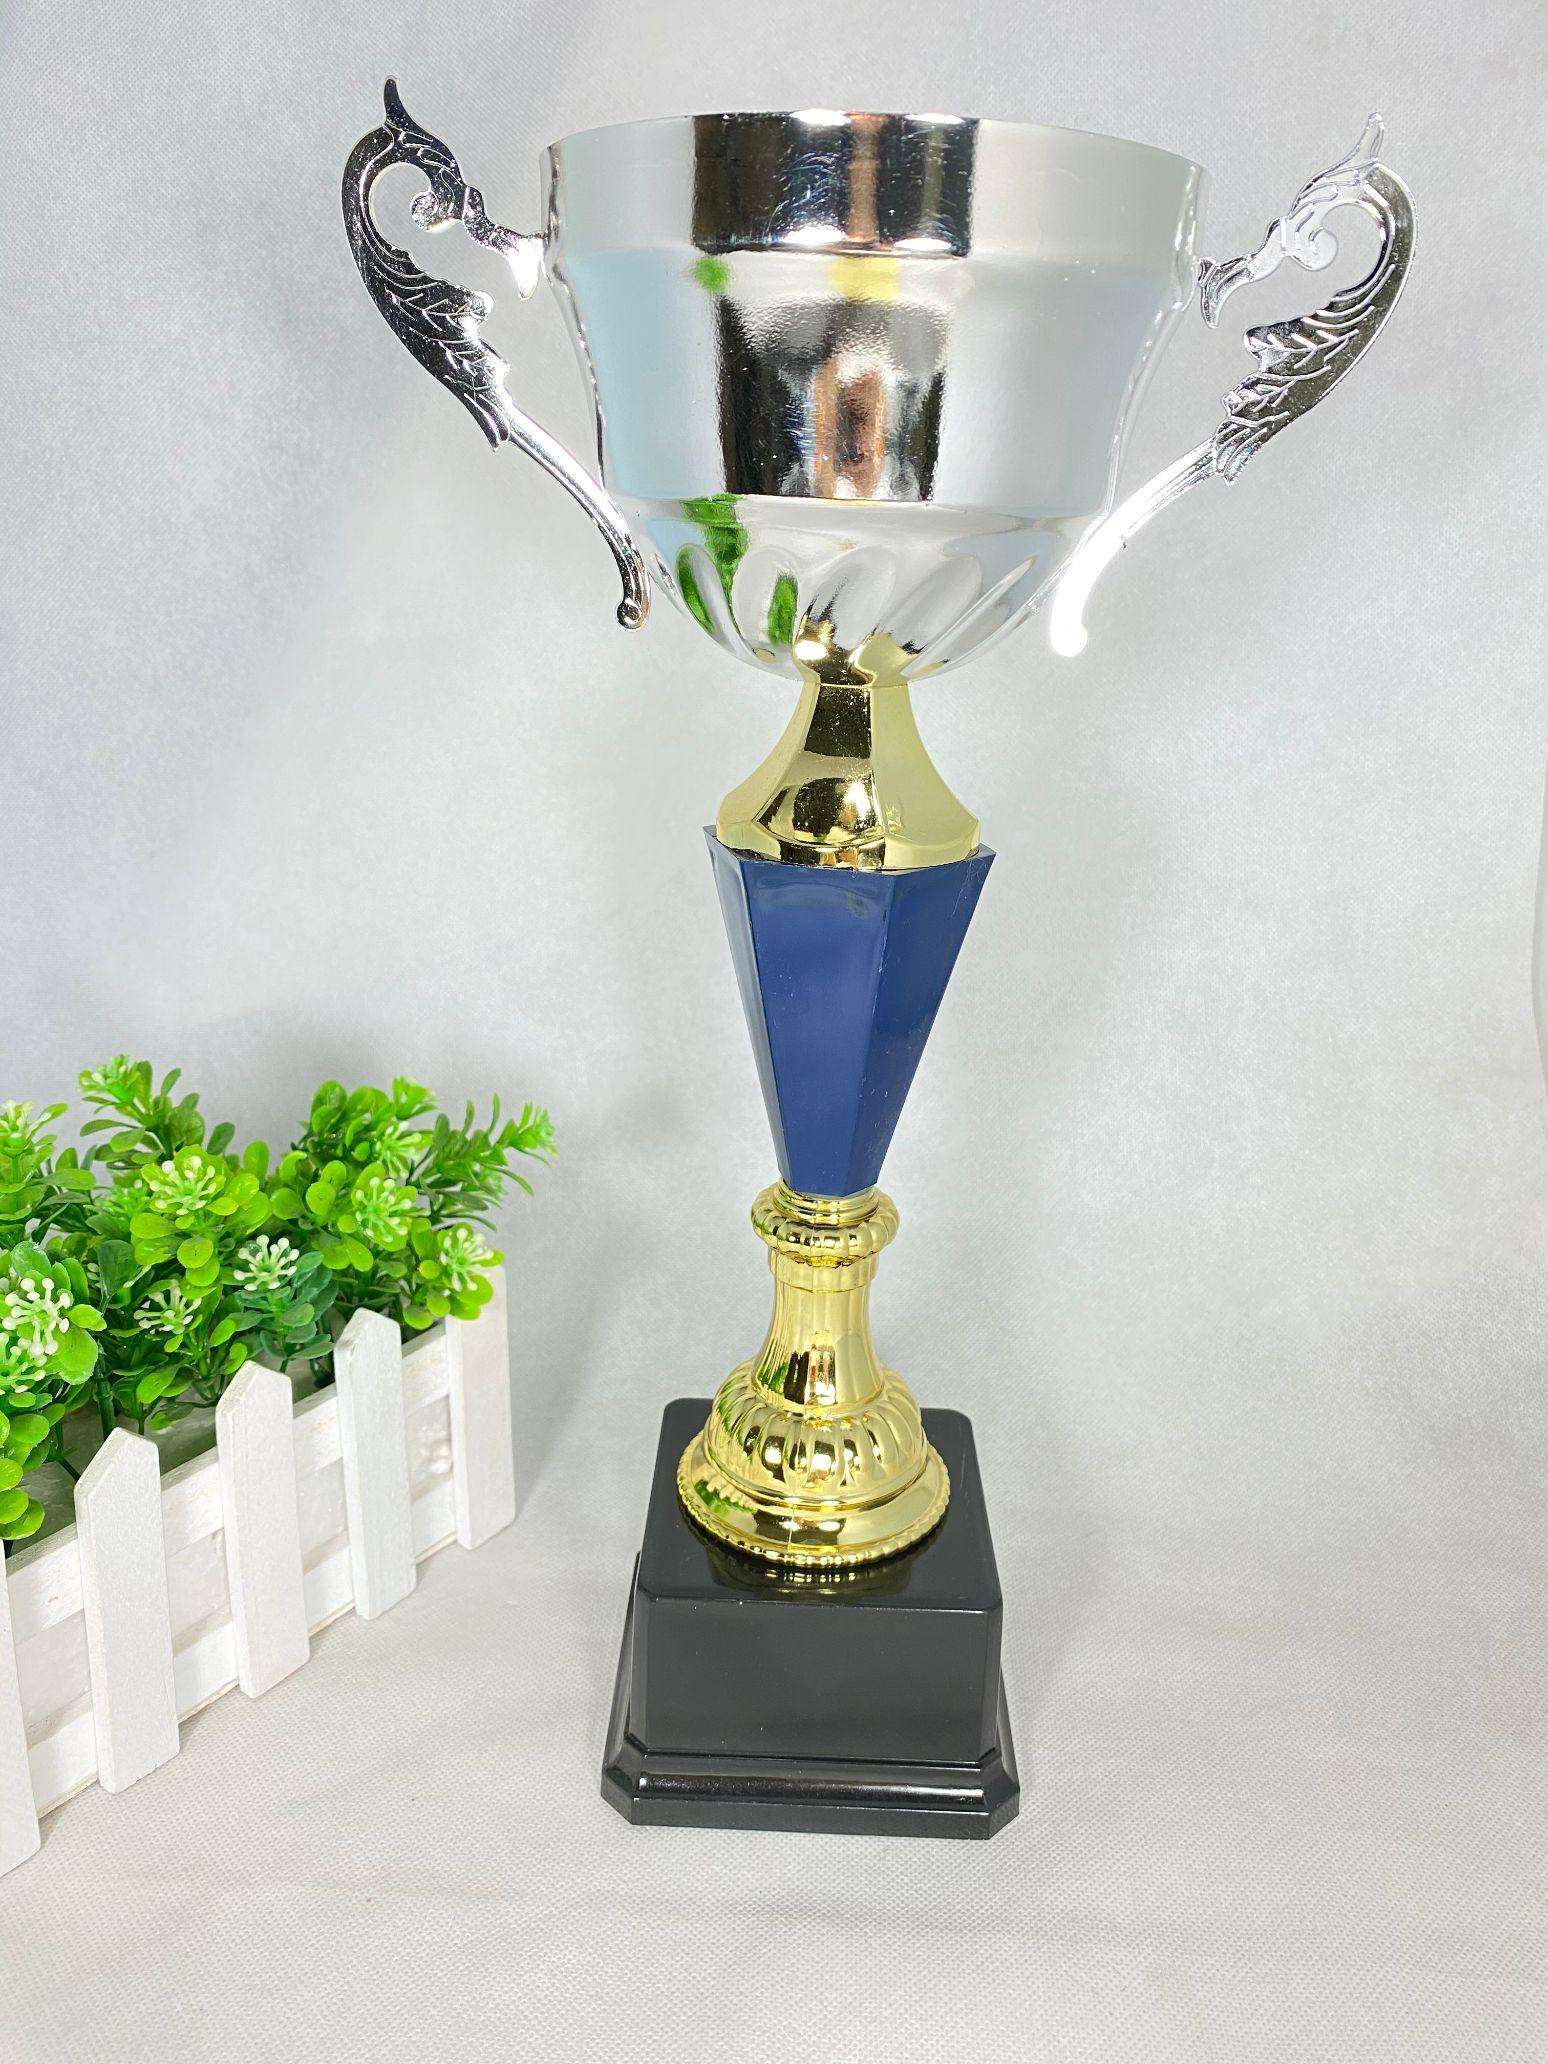 256C 35CM金属奖比赛奖励奖品杯可定制内容